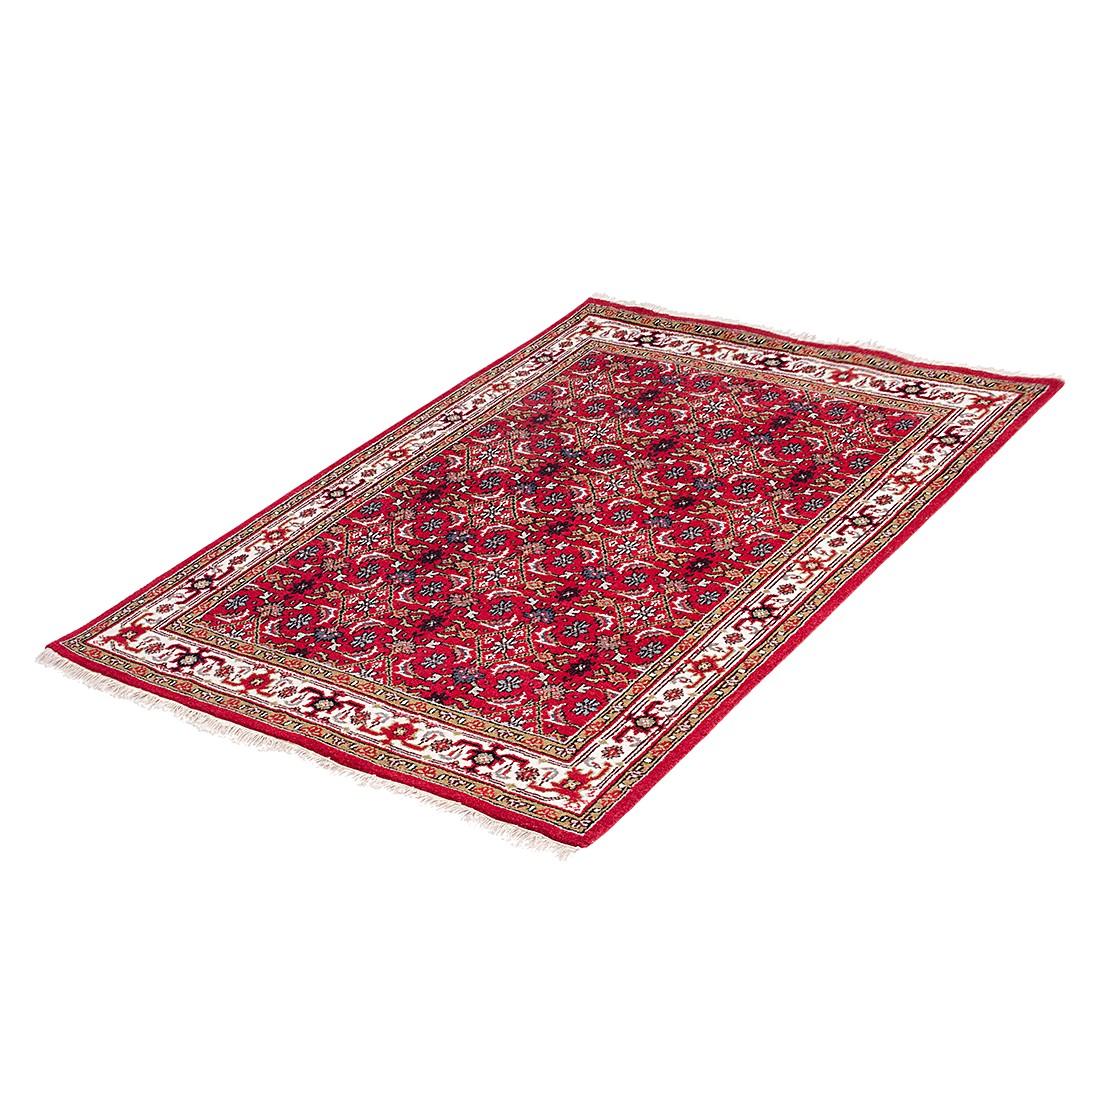 Teppich-Indo Royal Kolkata Rot – Reine Schurwolle – 90 x 160 cm, Parwis jetzt kaufen